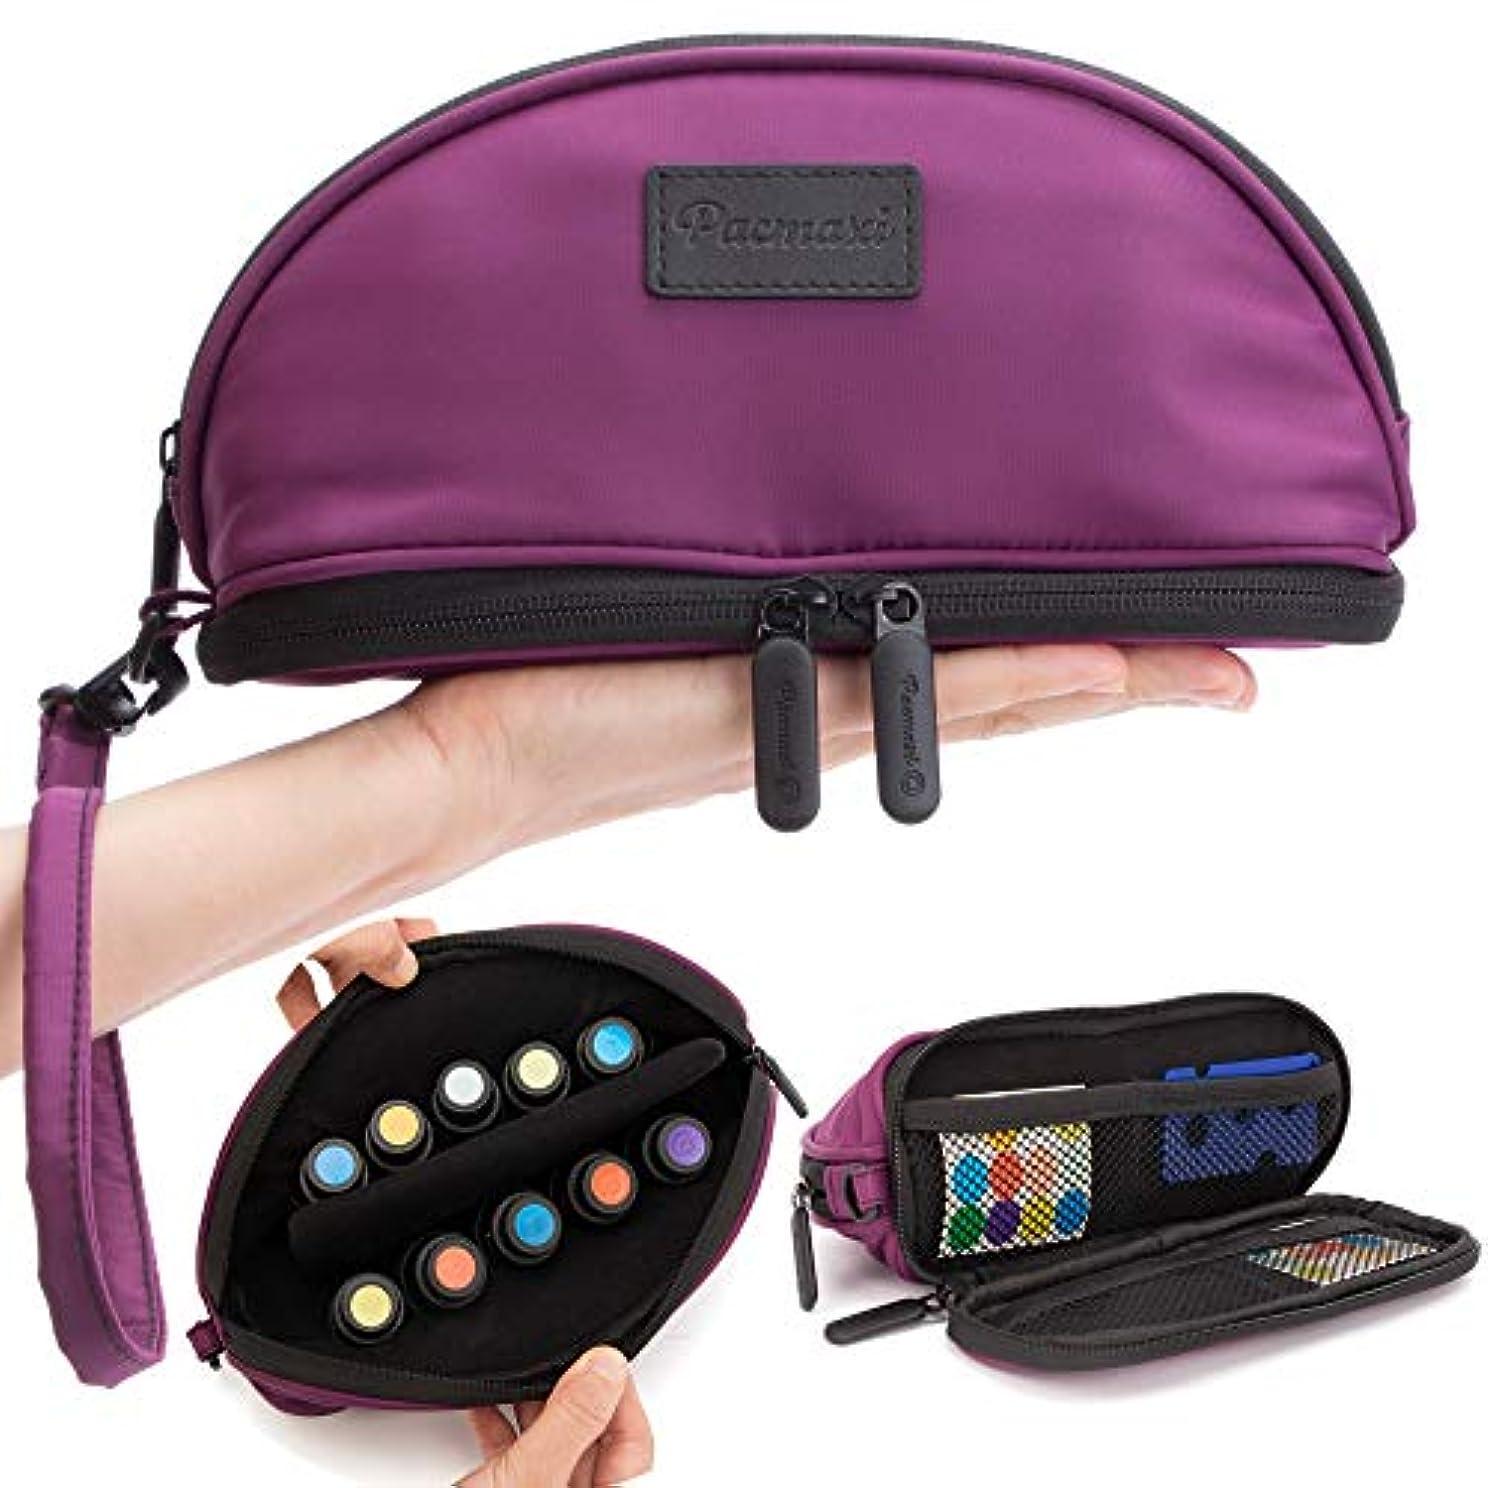 蛇行スプリット腹部[Pacmaxi]エッセンシャルオイル 収納ポーチ 携帯便利 旅行 10本収納(5ml - 15ml) ナイロン製 撥水加工 ストラップあり (パープル)